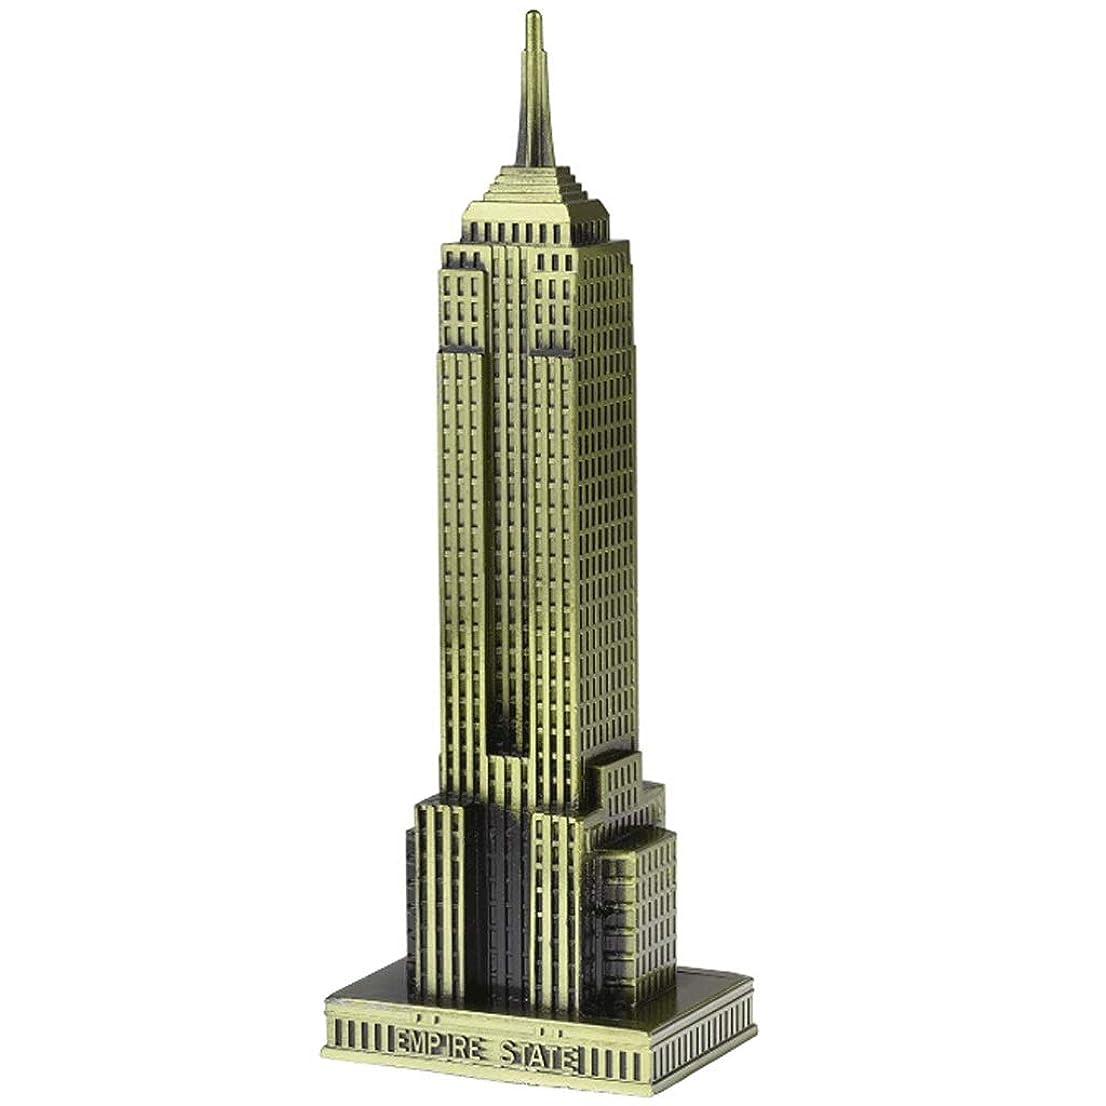 委員会プレゼント最高市ヴィンテージブロンズ8.6インチニューヨーク像のエンパイアステートビルディングモデルグッズ置物ホームデスクトップの装飾、レプリカ、グッズ人工世界の有名な建物の彫刻